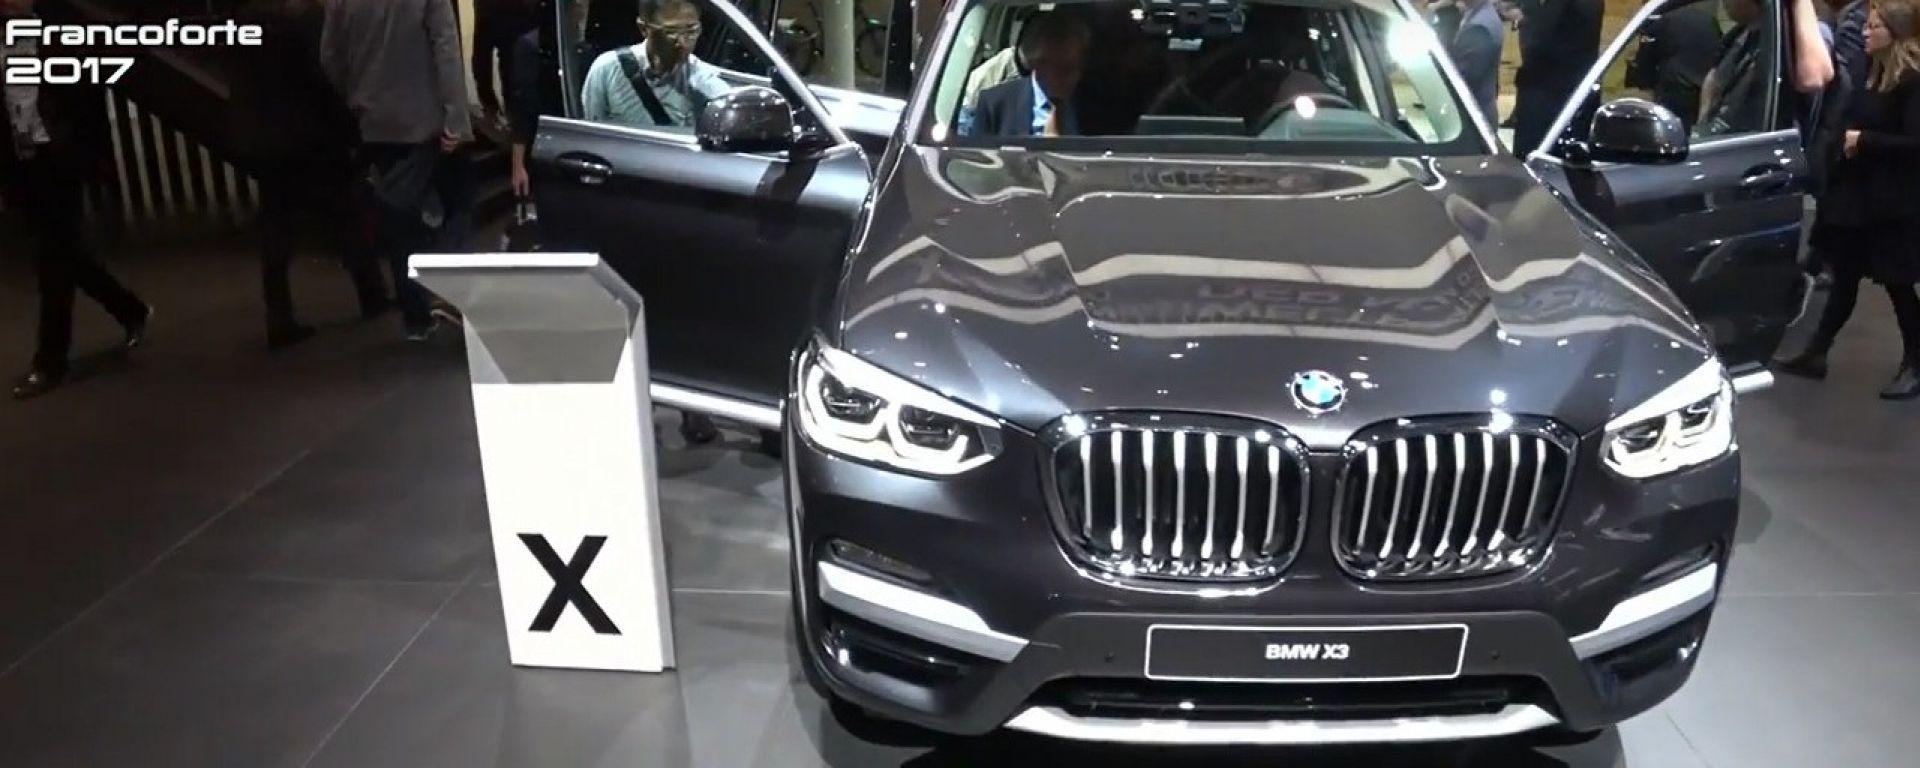 Nuova BMW X3: 4,71 metri di SUV per il Salone di Francoforte